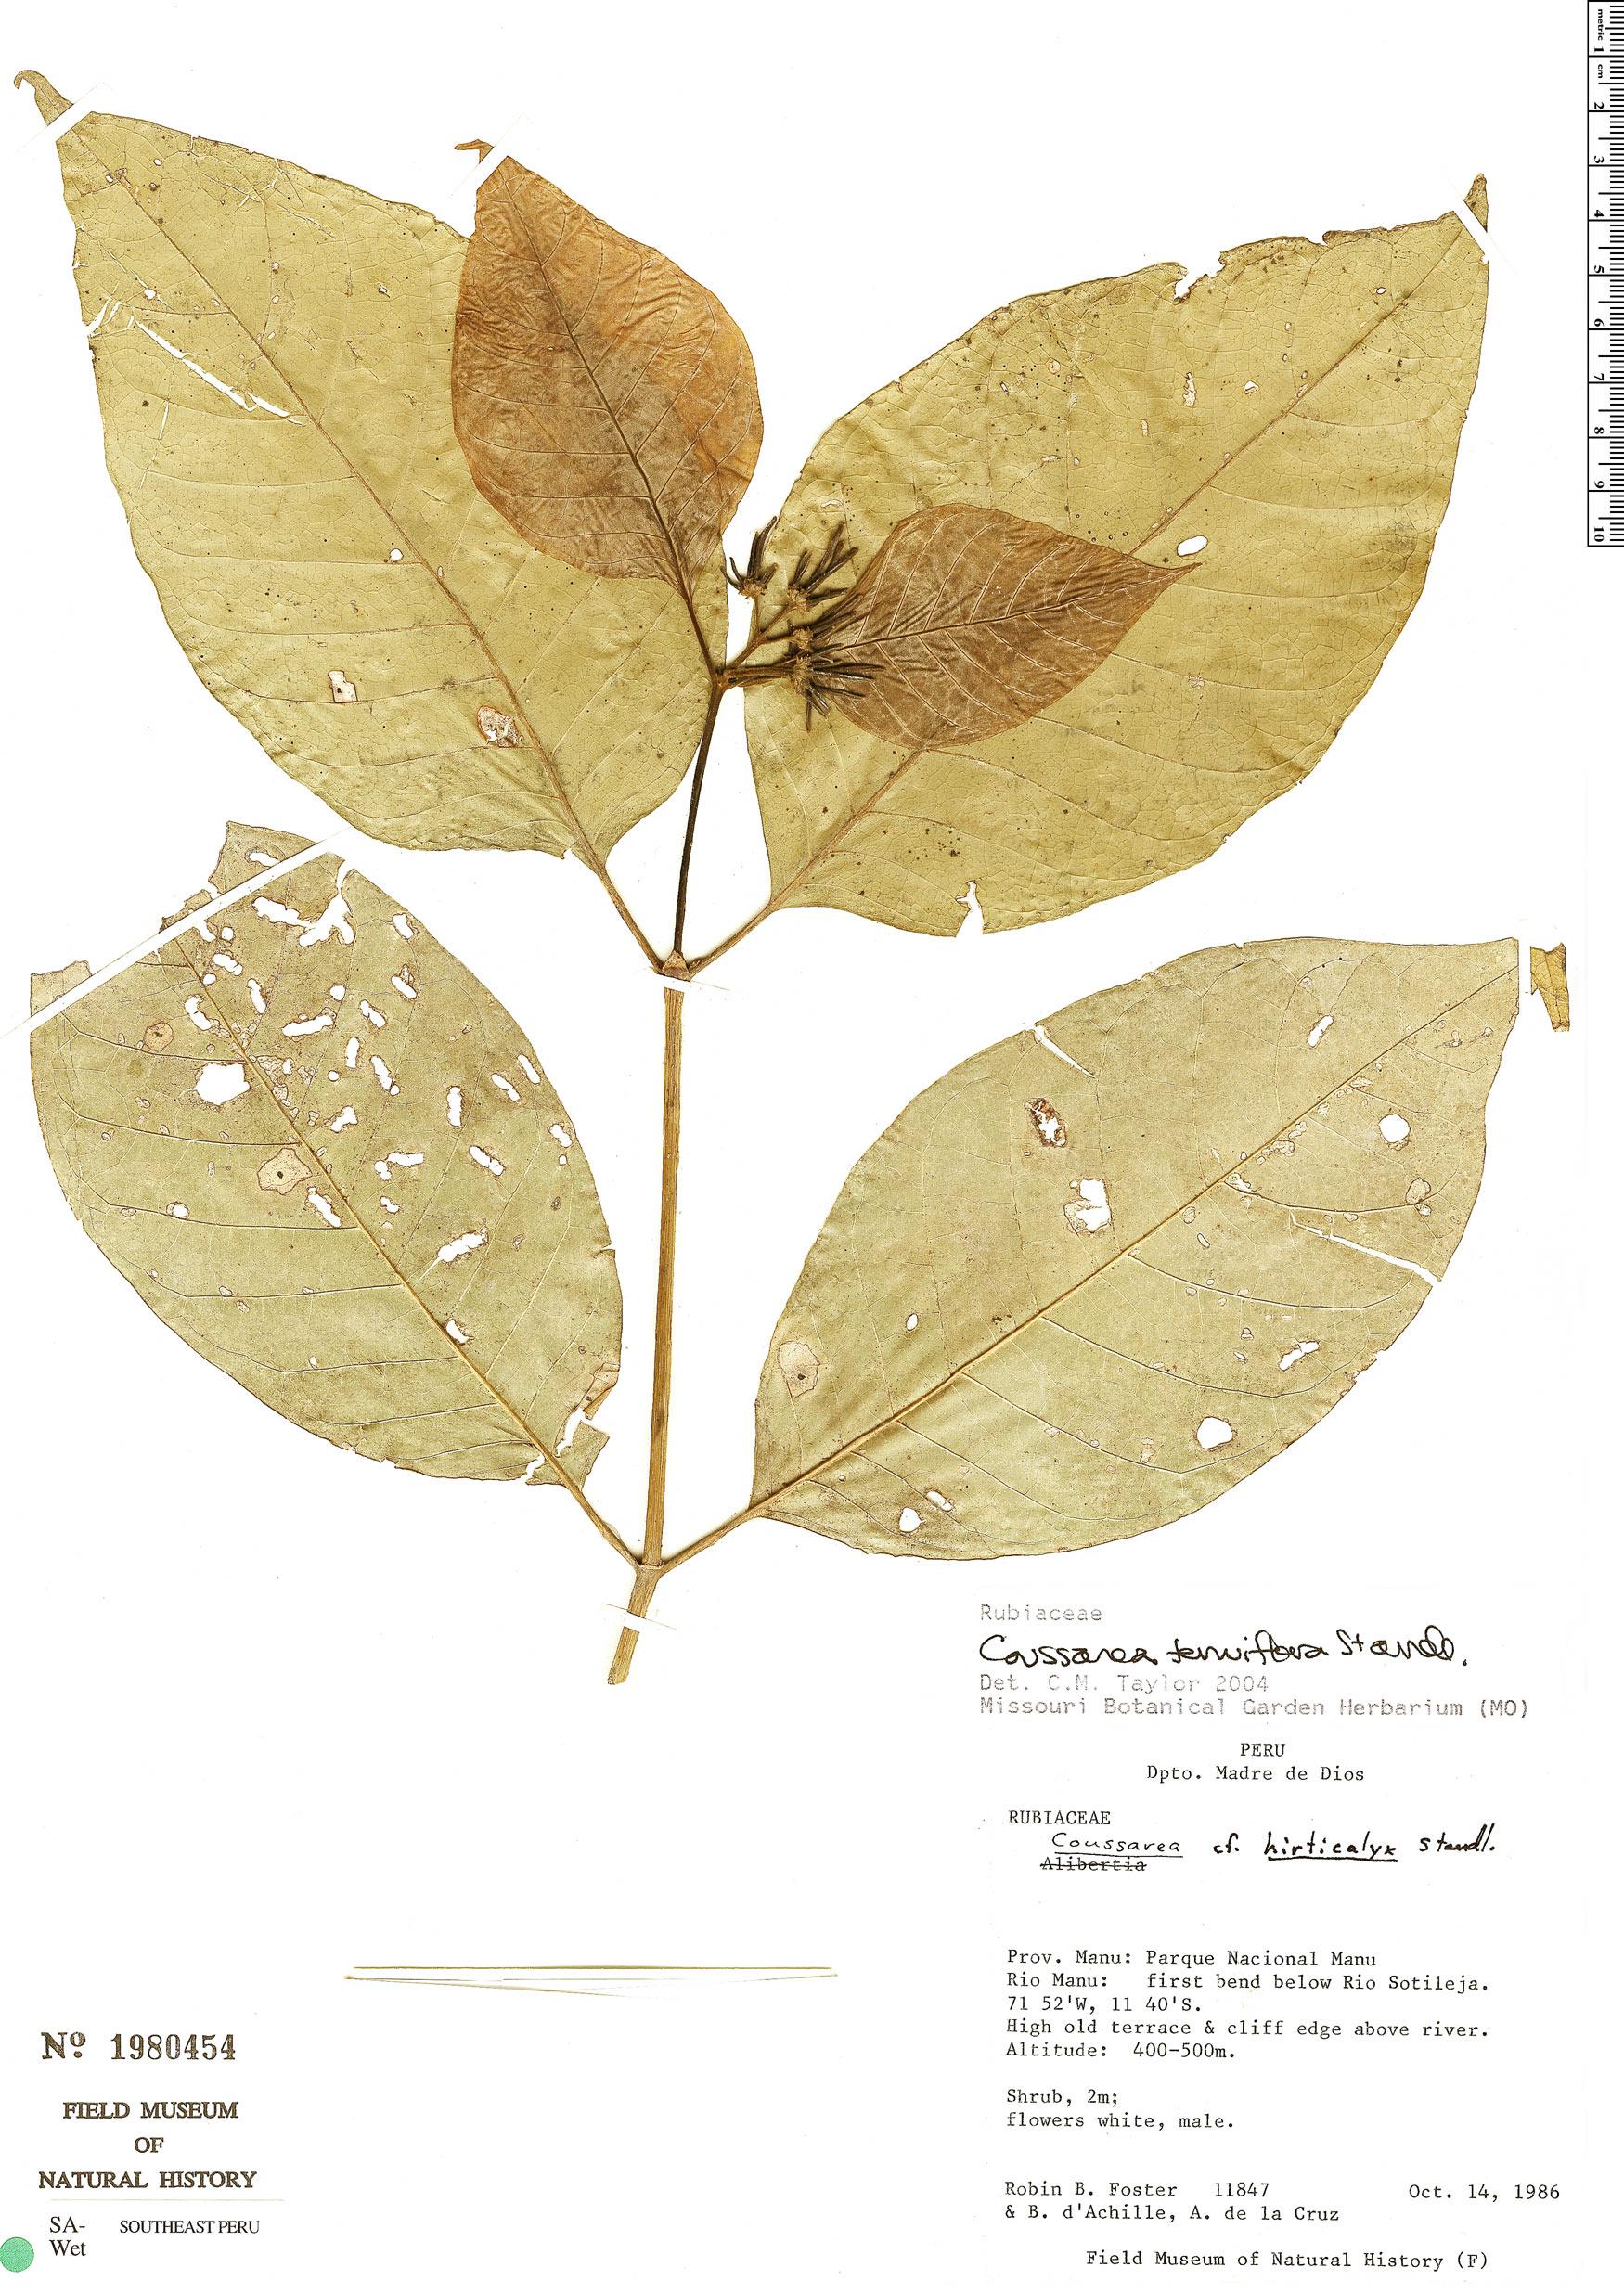 Specimen: Coussarea tenuiflora